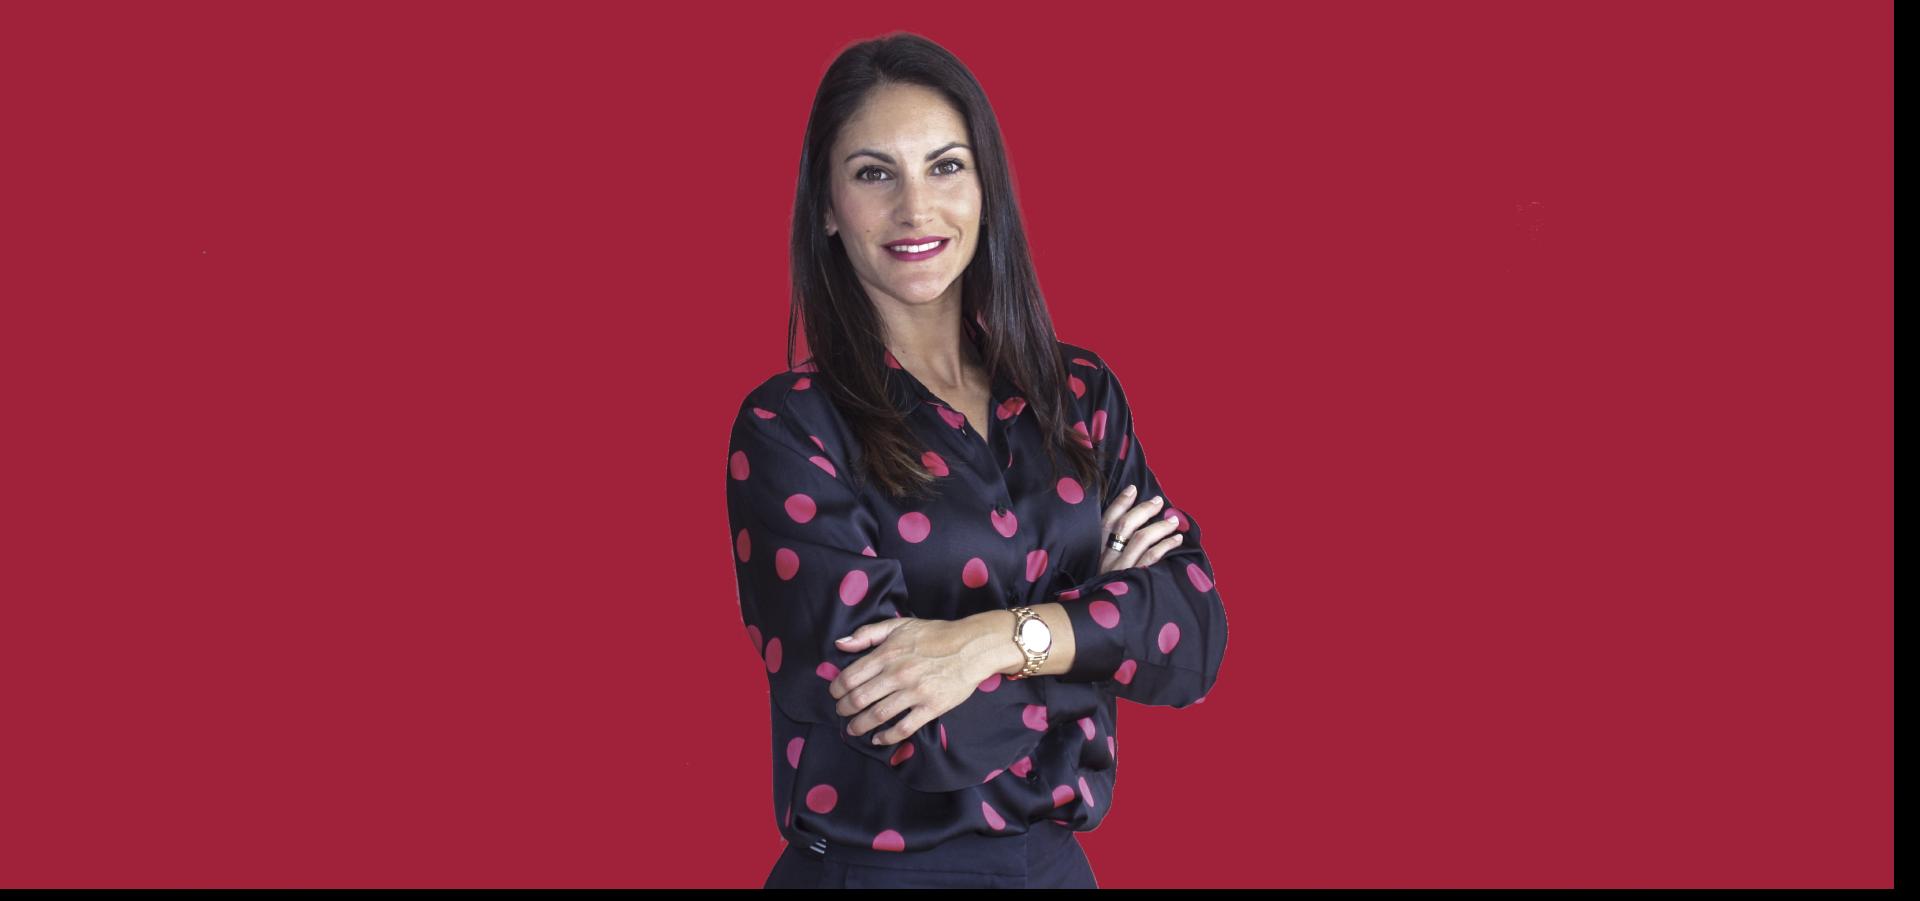 Myriam Guerrero Espino